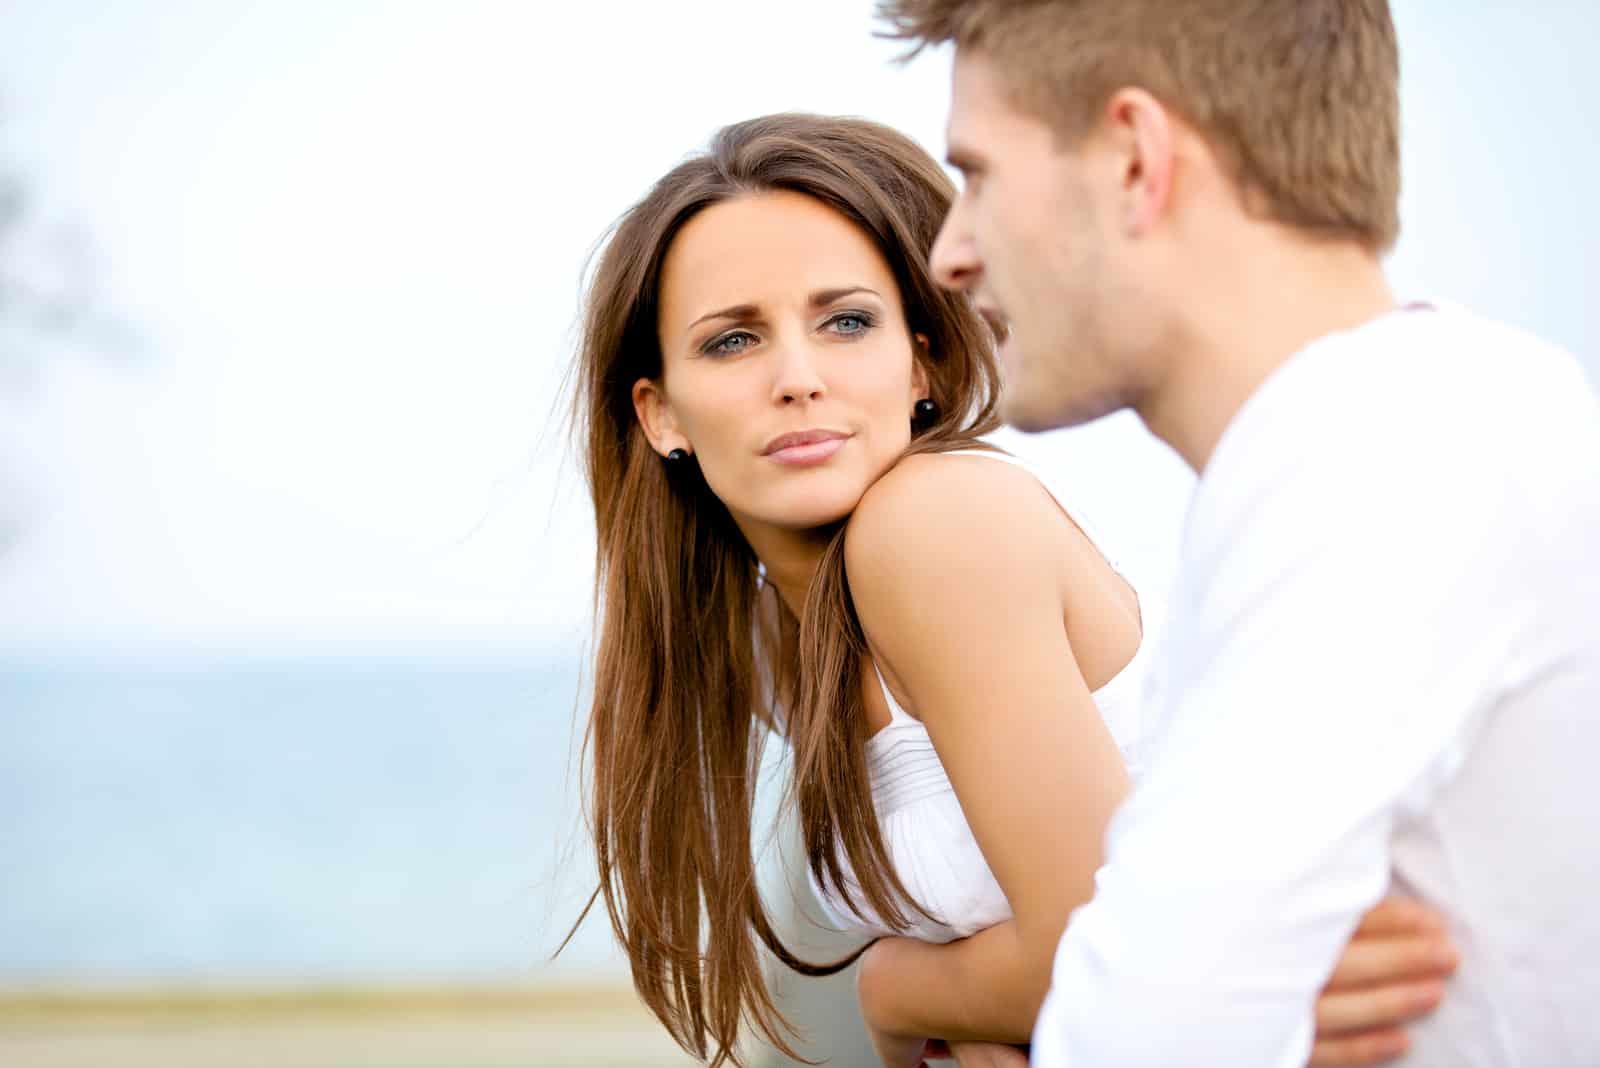 un homme et une femme se tiennent debout et parlent